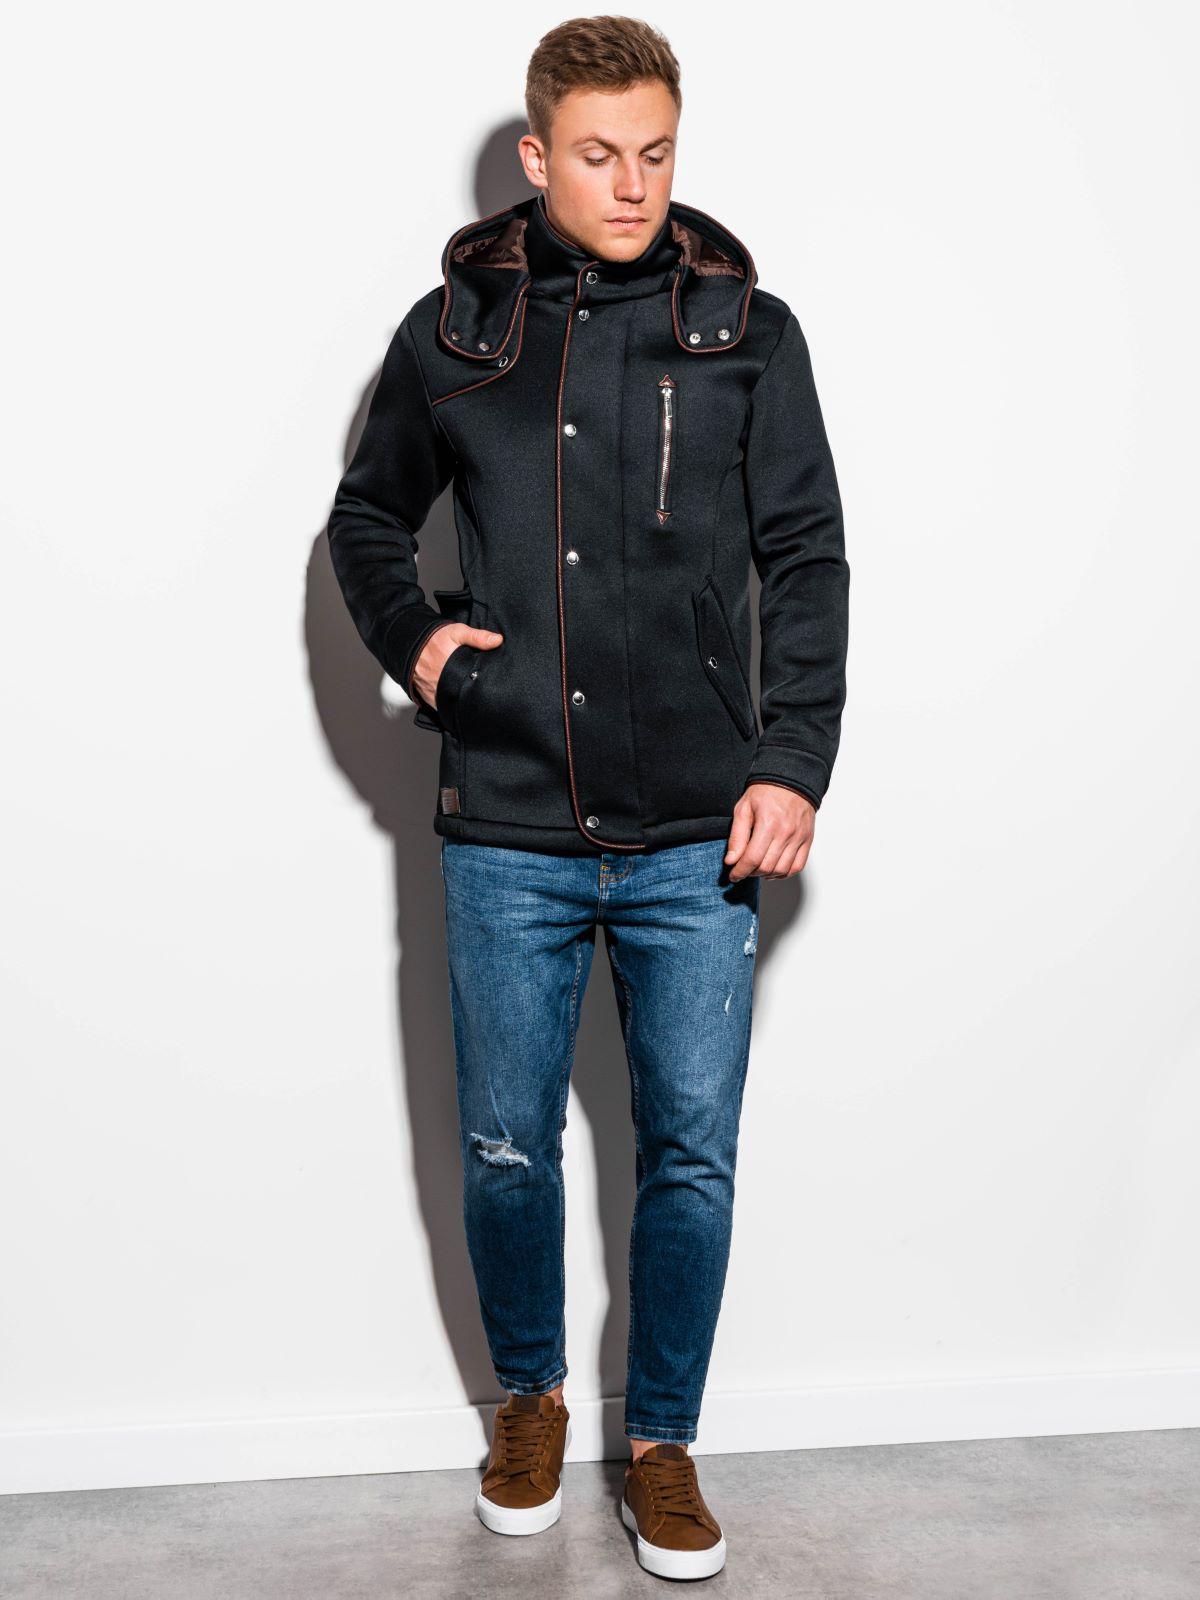 Płaszcz męski zkapturem C200 - czarny